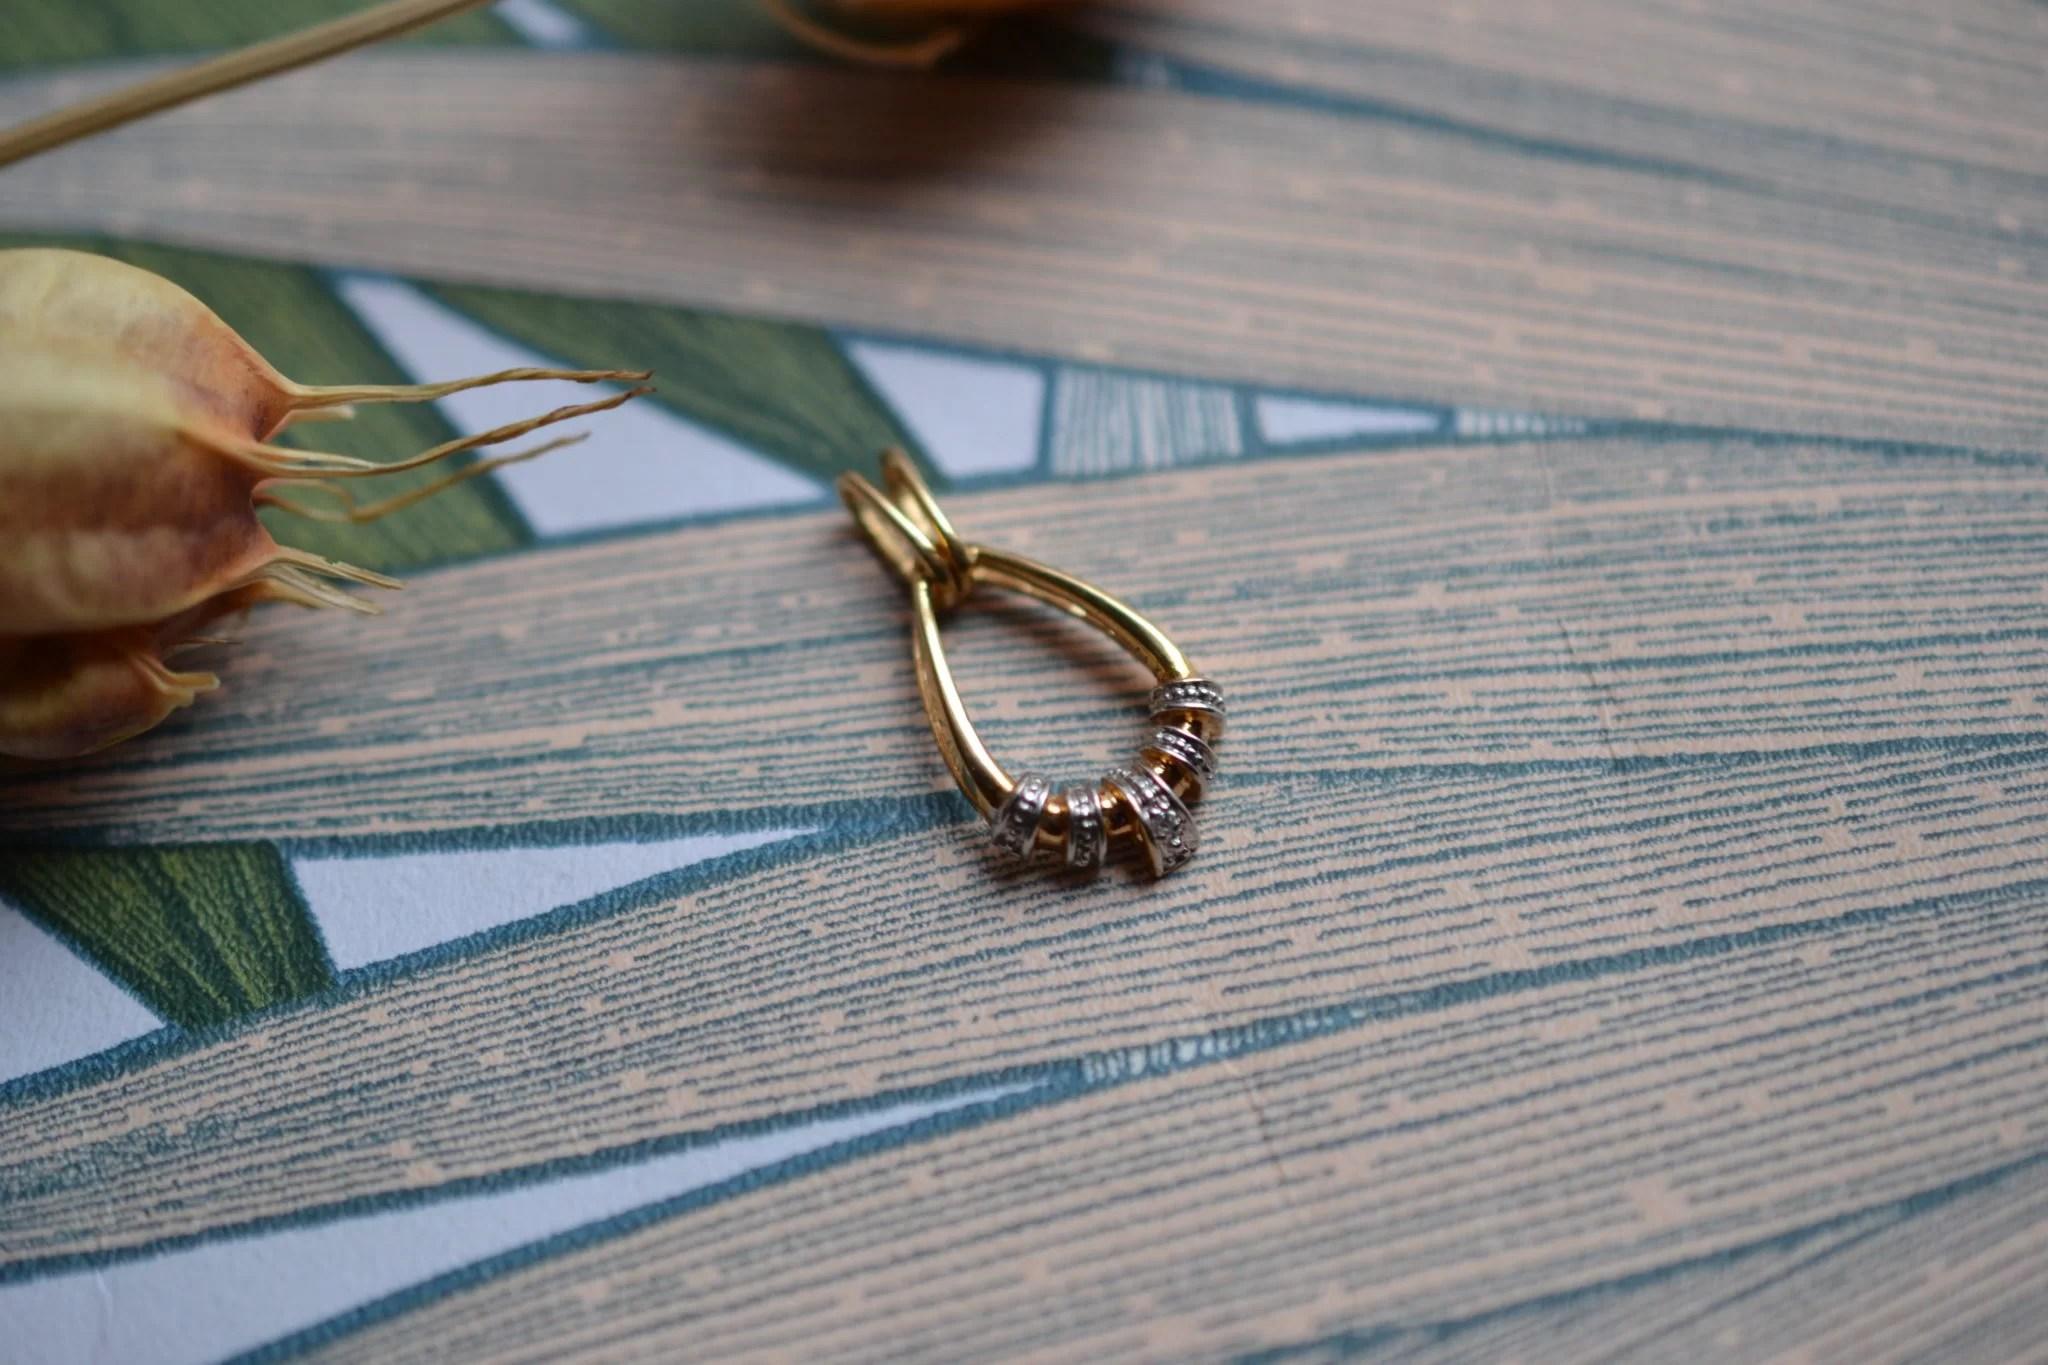 Pendentif en Or jaune et Or blanc en forme de goutte ajourée serti d_un diamant, avec un effet pavage pierres - bijou rétro